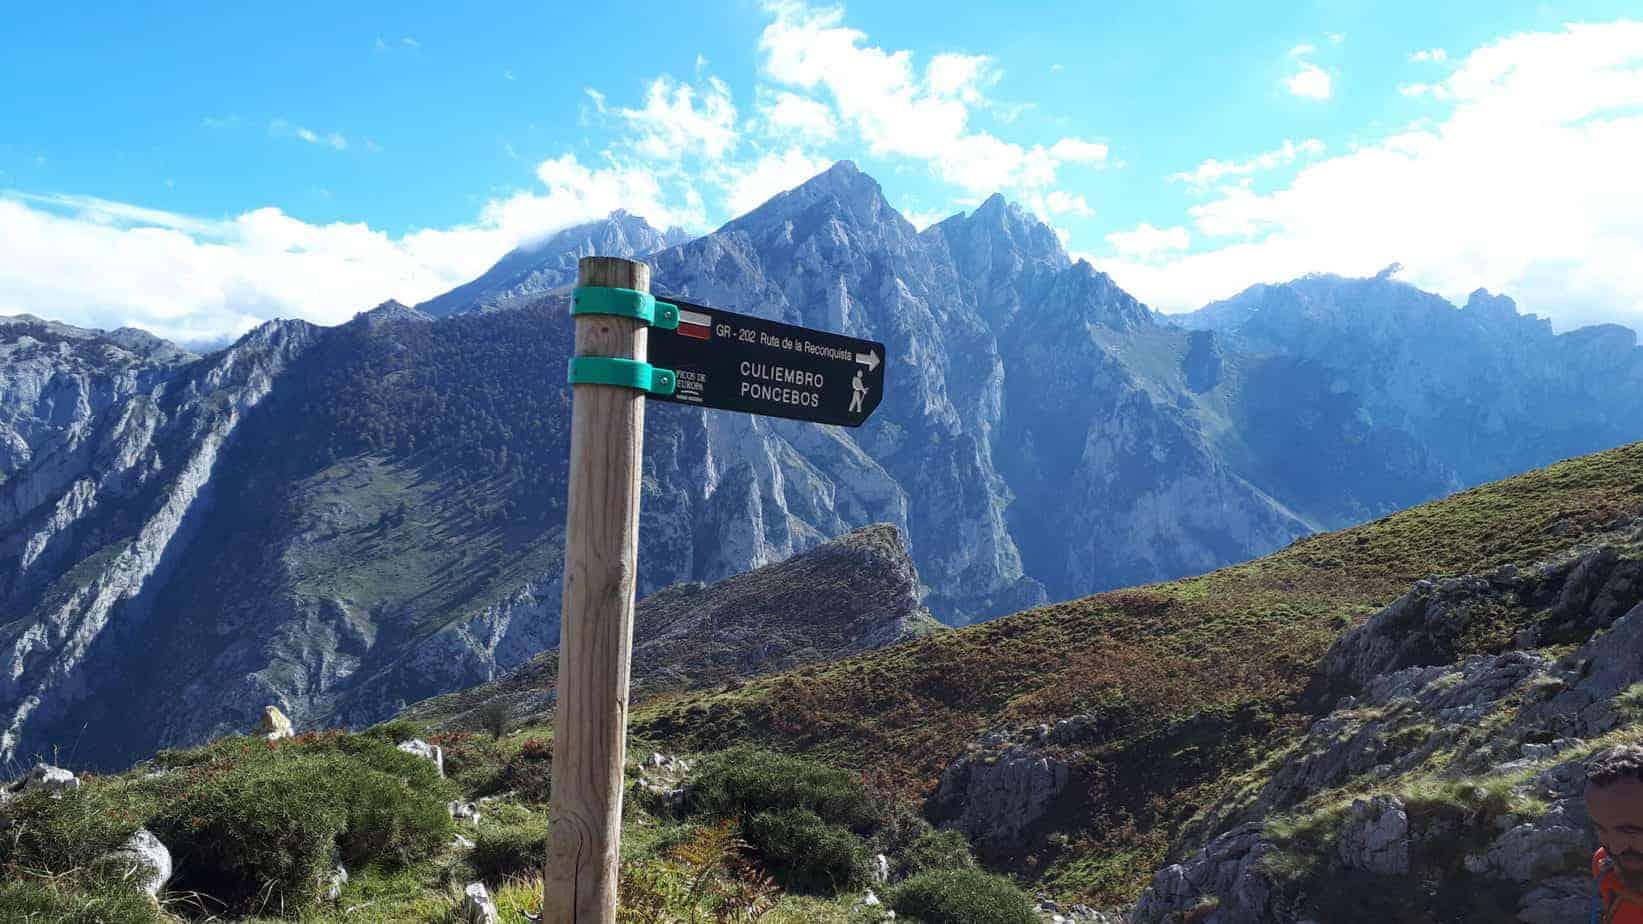 ruta_de_la_reconquista_canal_culiembro_majada_ostón_marcosplanet